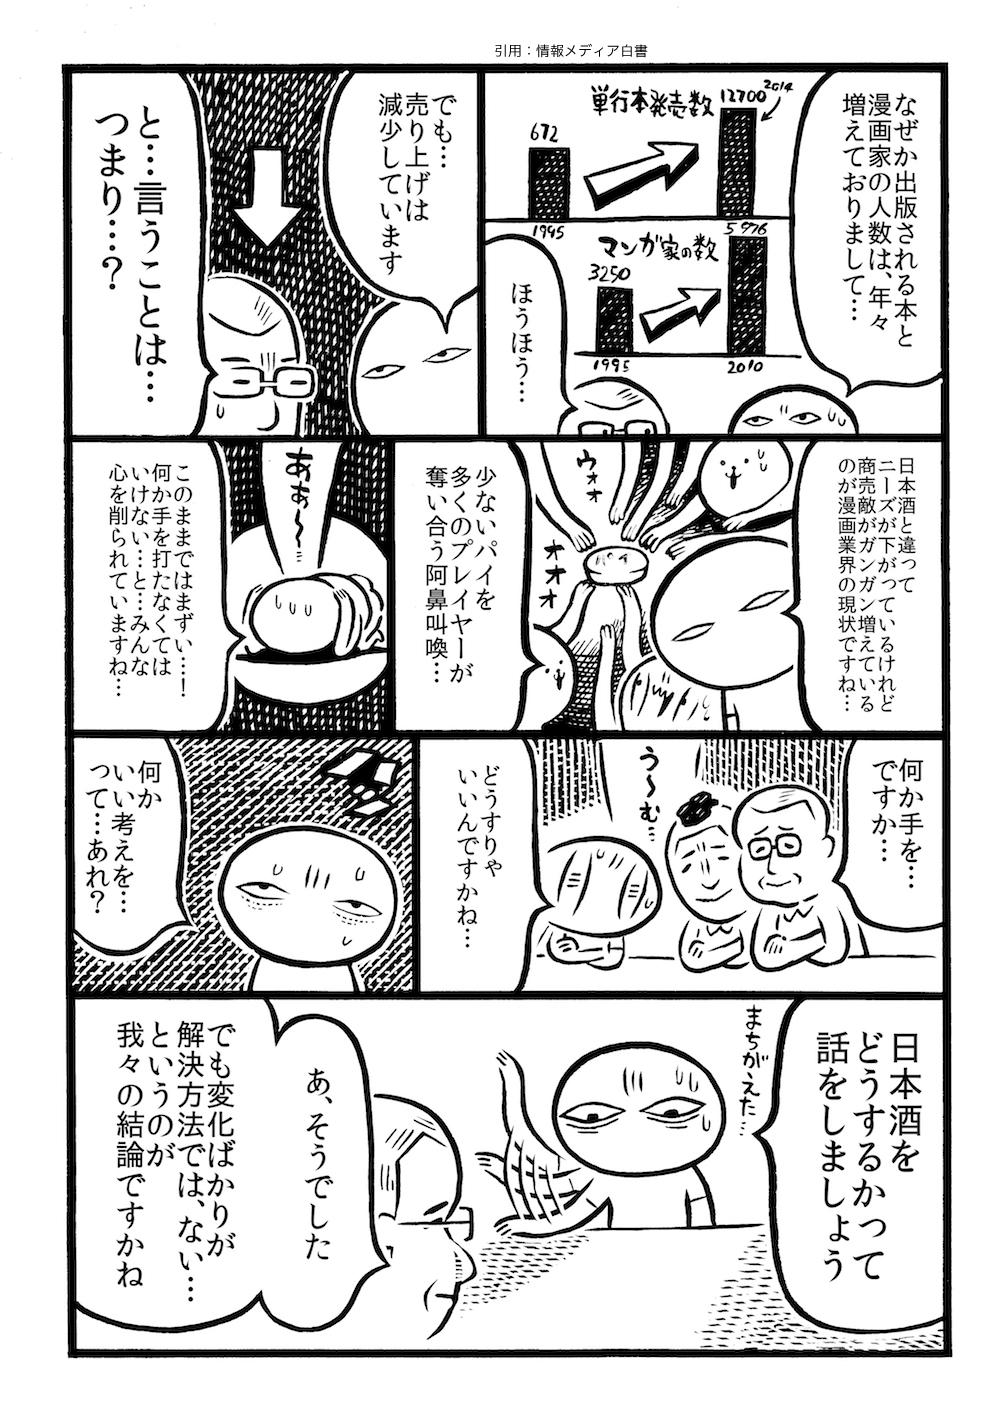 f:id:kakijiro:20170215003106j:plain